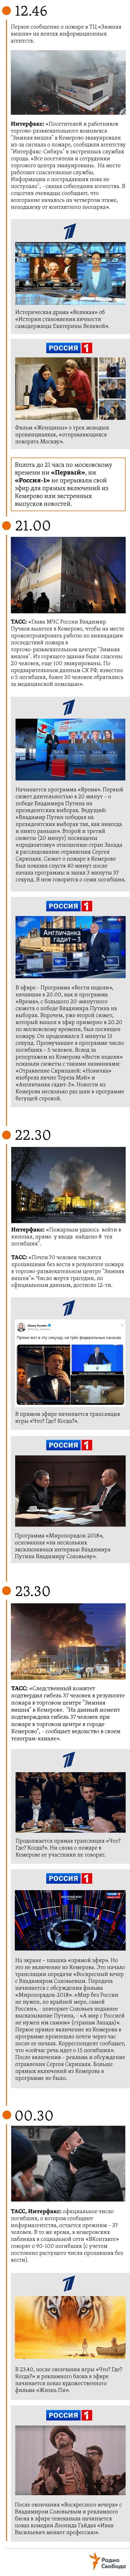 Вот что происходило в эфире российского ТВ, пока из Кемерова приходили все новые и новые сообщения о жертвах трагедии.